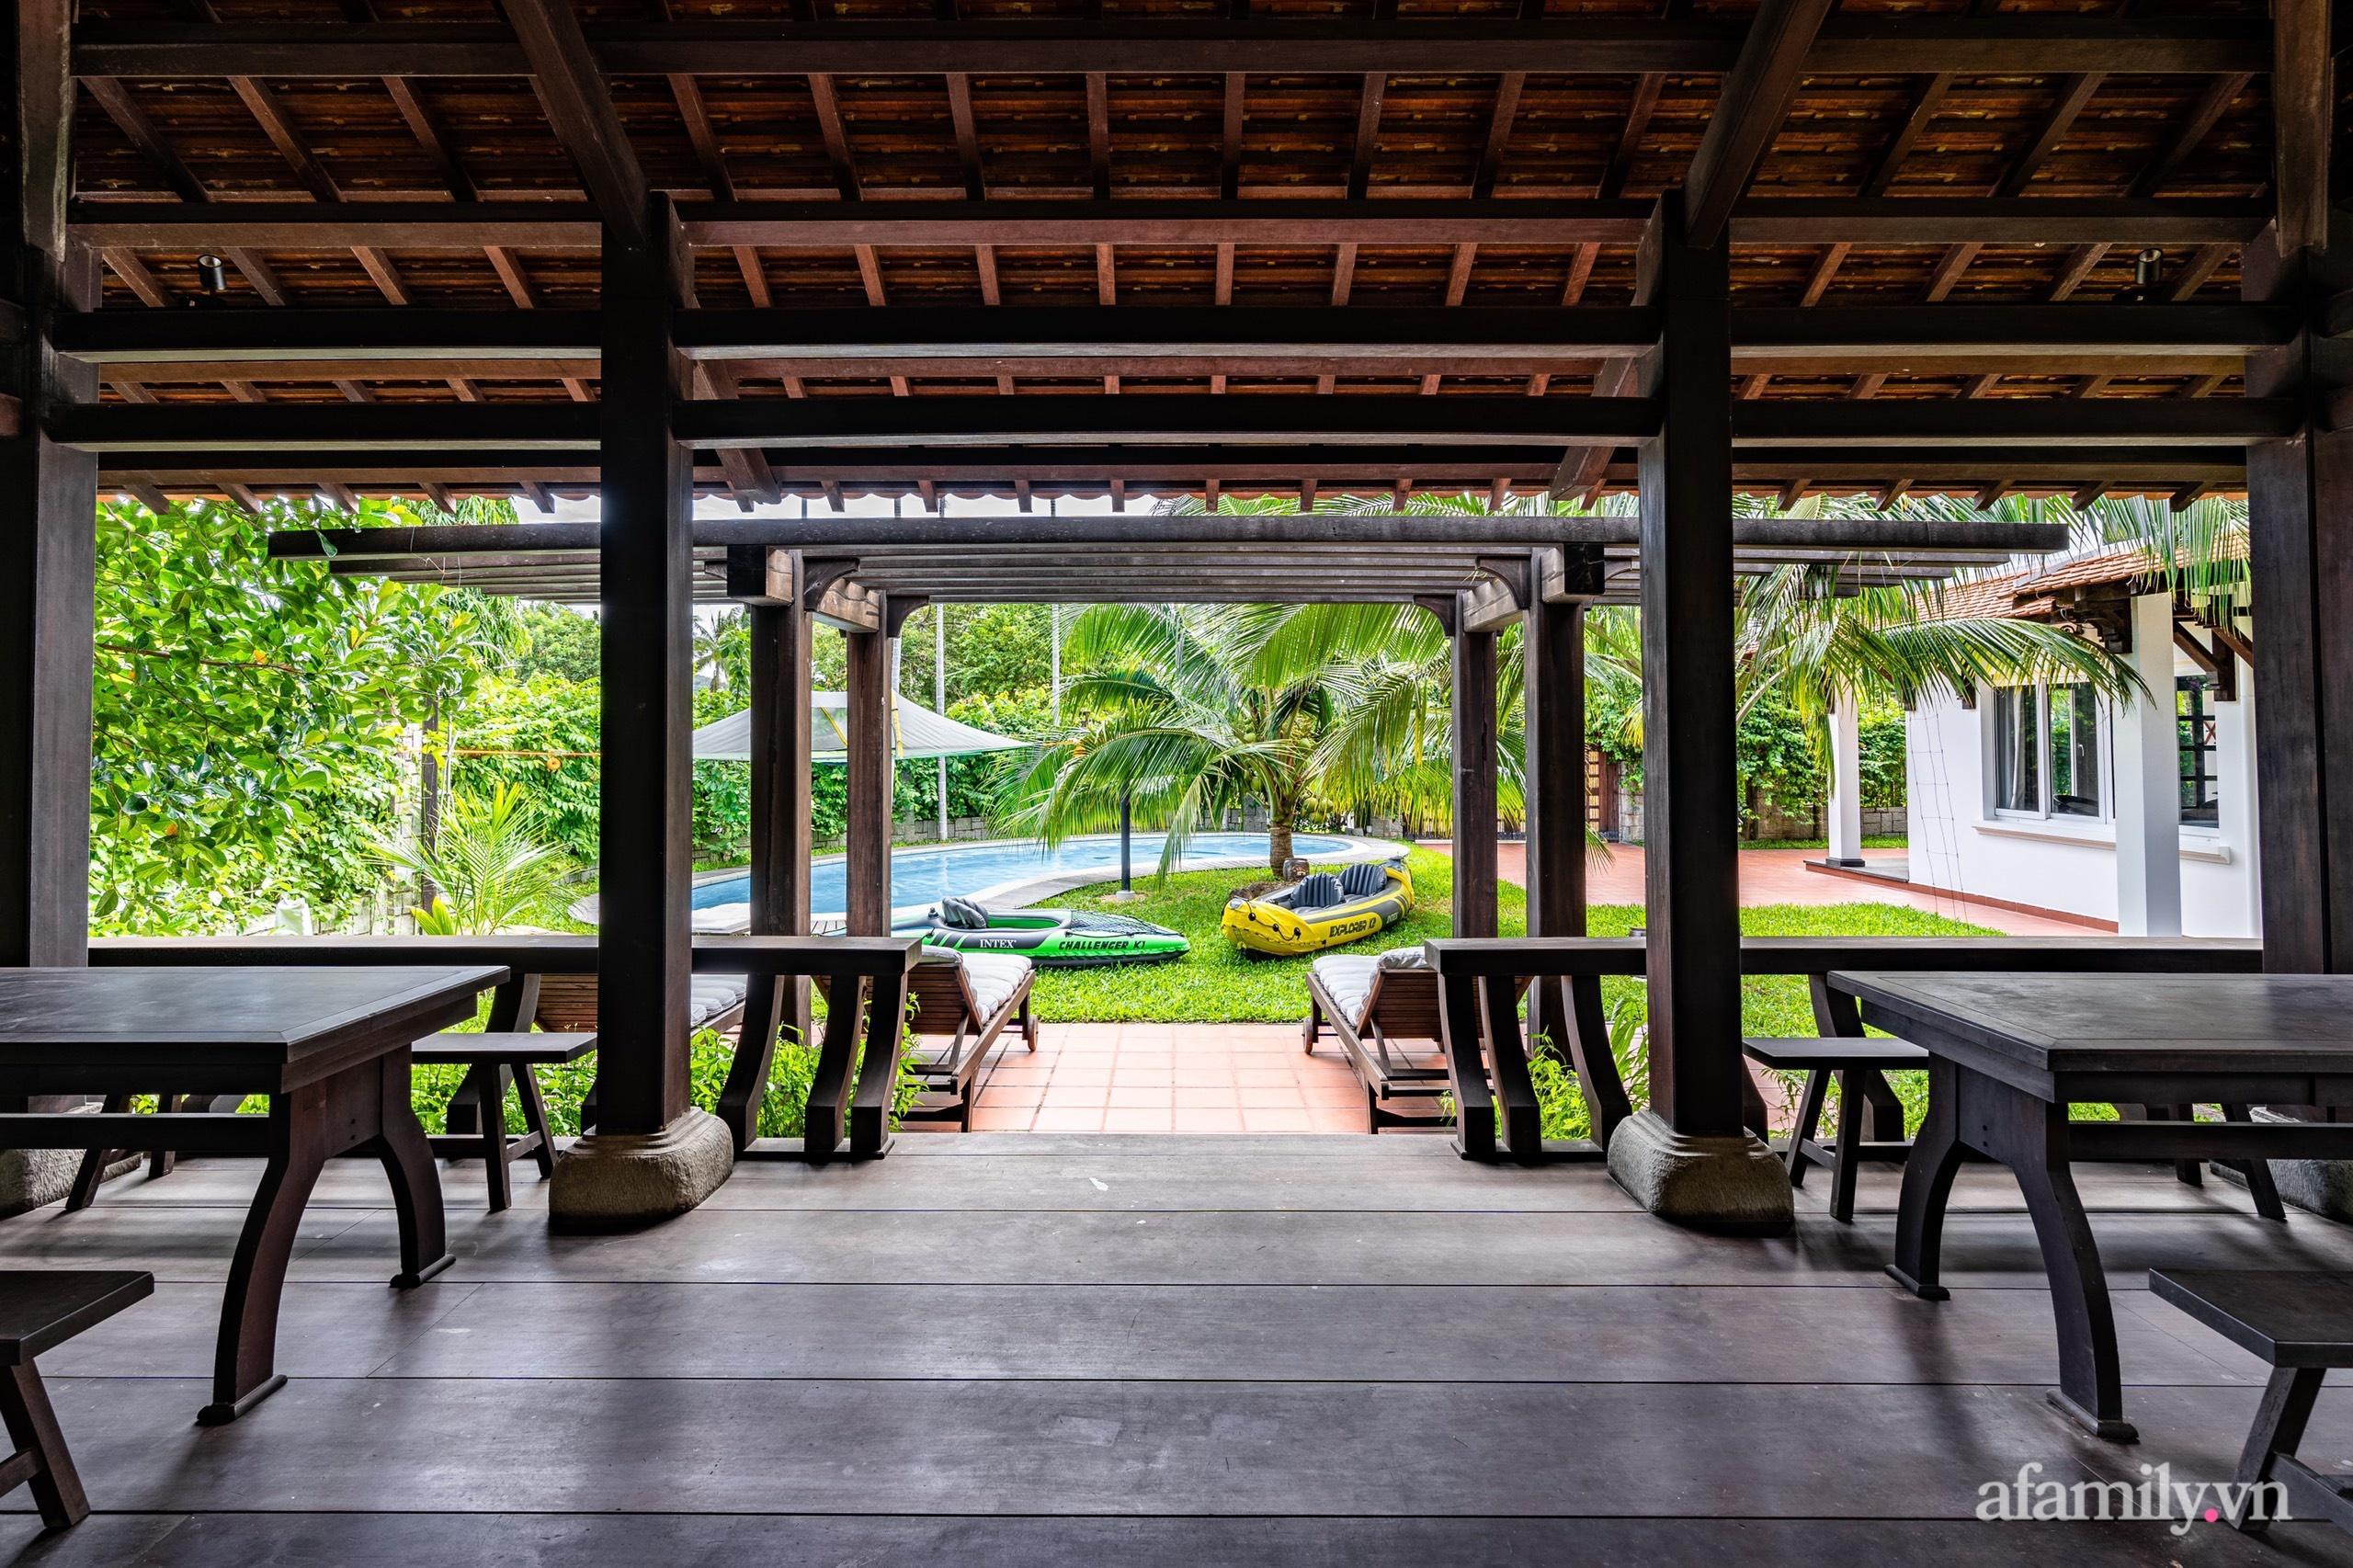 Căn nhà vườn xây 10 năm vẫn đẹp hút mắt với nội thất gỗ và cây xanh quanh nhà ở Nha Trang-7